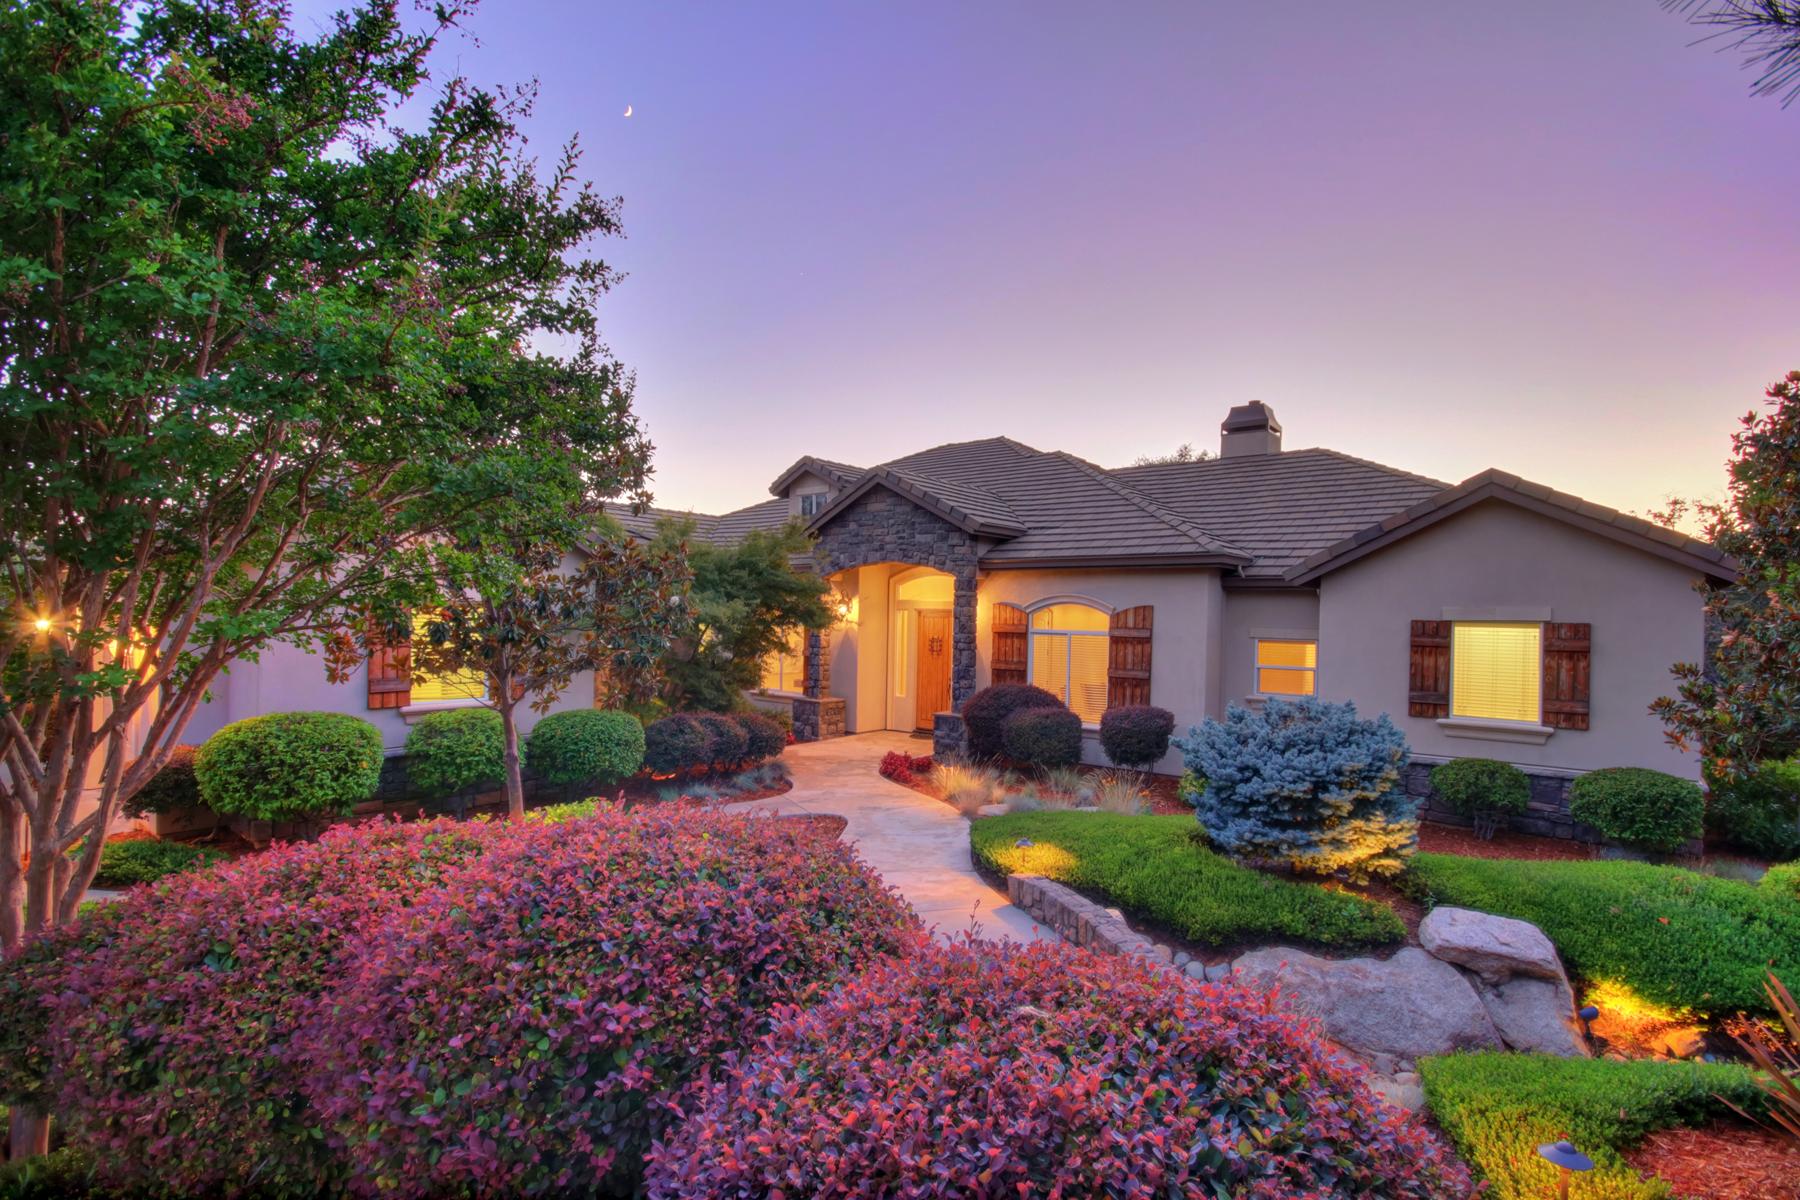 独户住宅 为 销售 在 2300 Toscana Place, Auburn, CA 95603 2300 Toscana Place 欧本, 加利福尼亚州 95603 美国